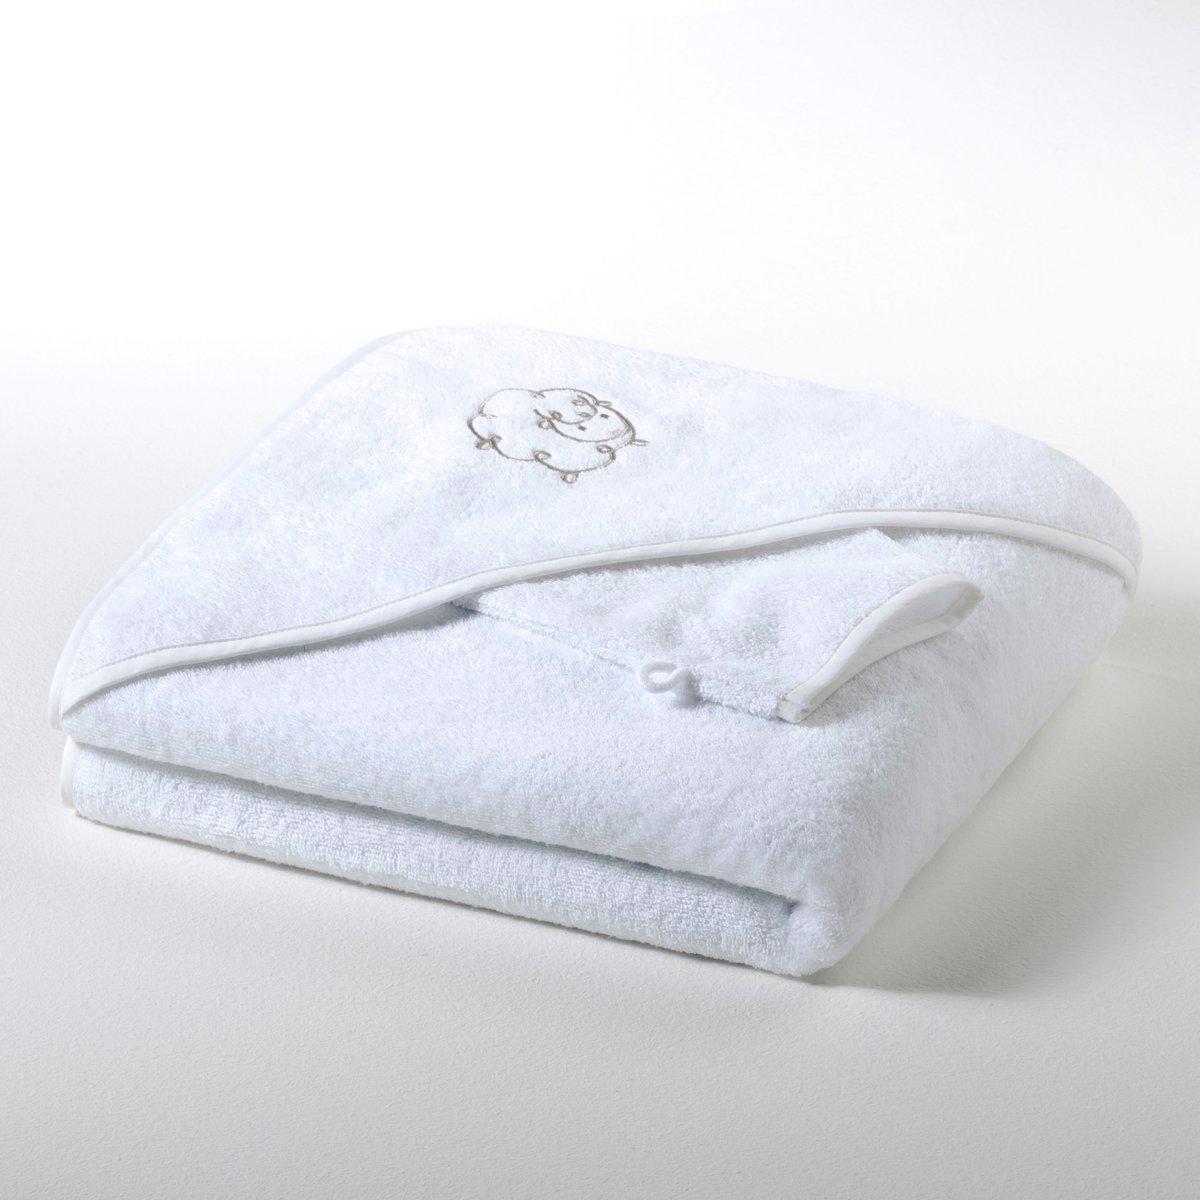 Банное пончо и рукавица из махровой ткани 420 г/м² для девочек и мальчиков, Betsie